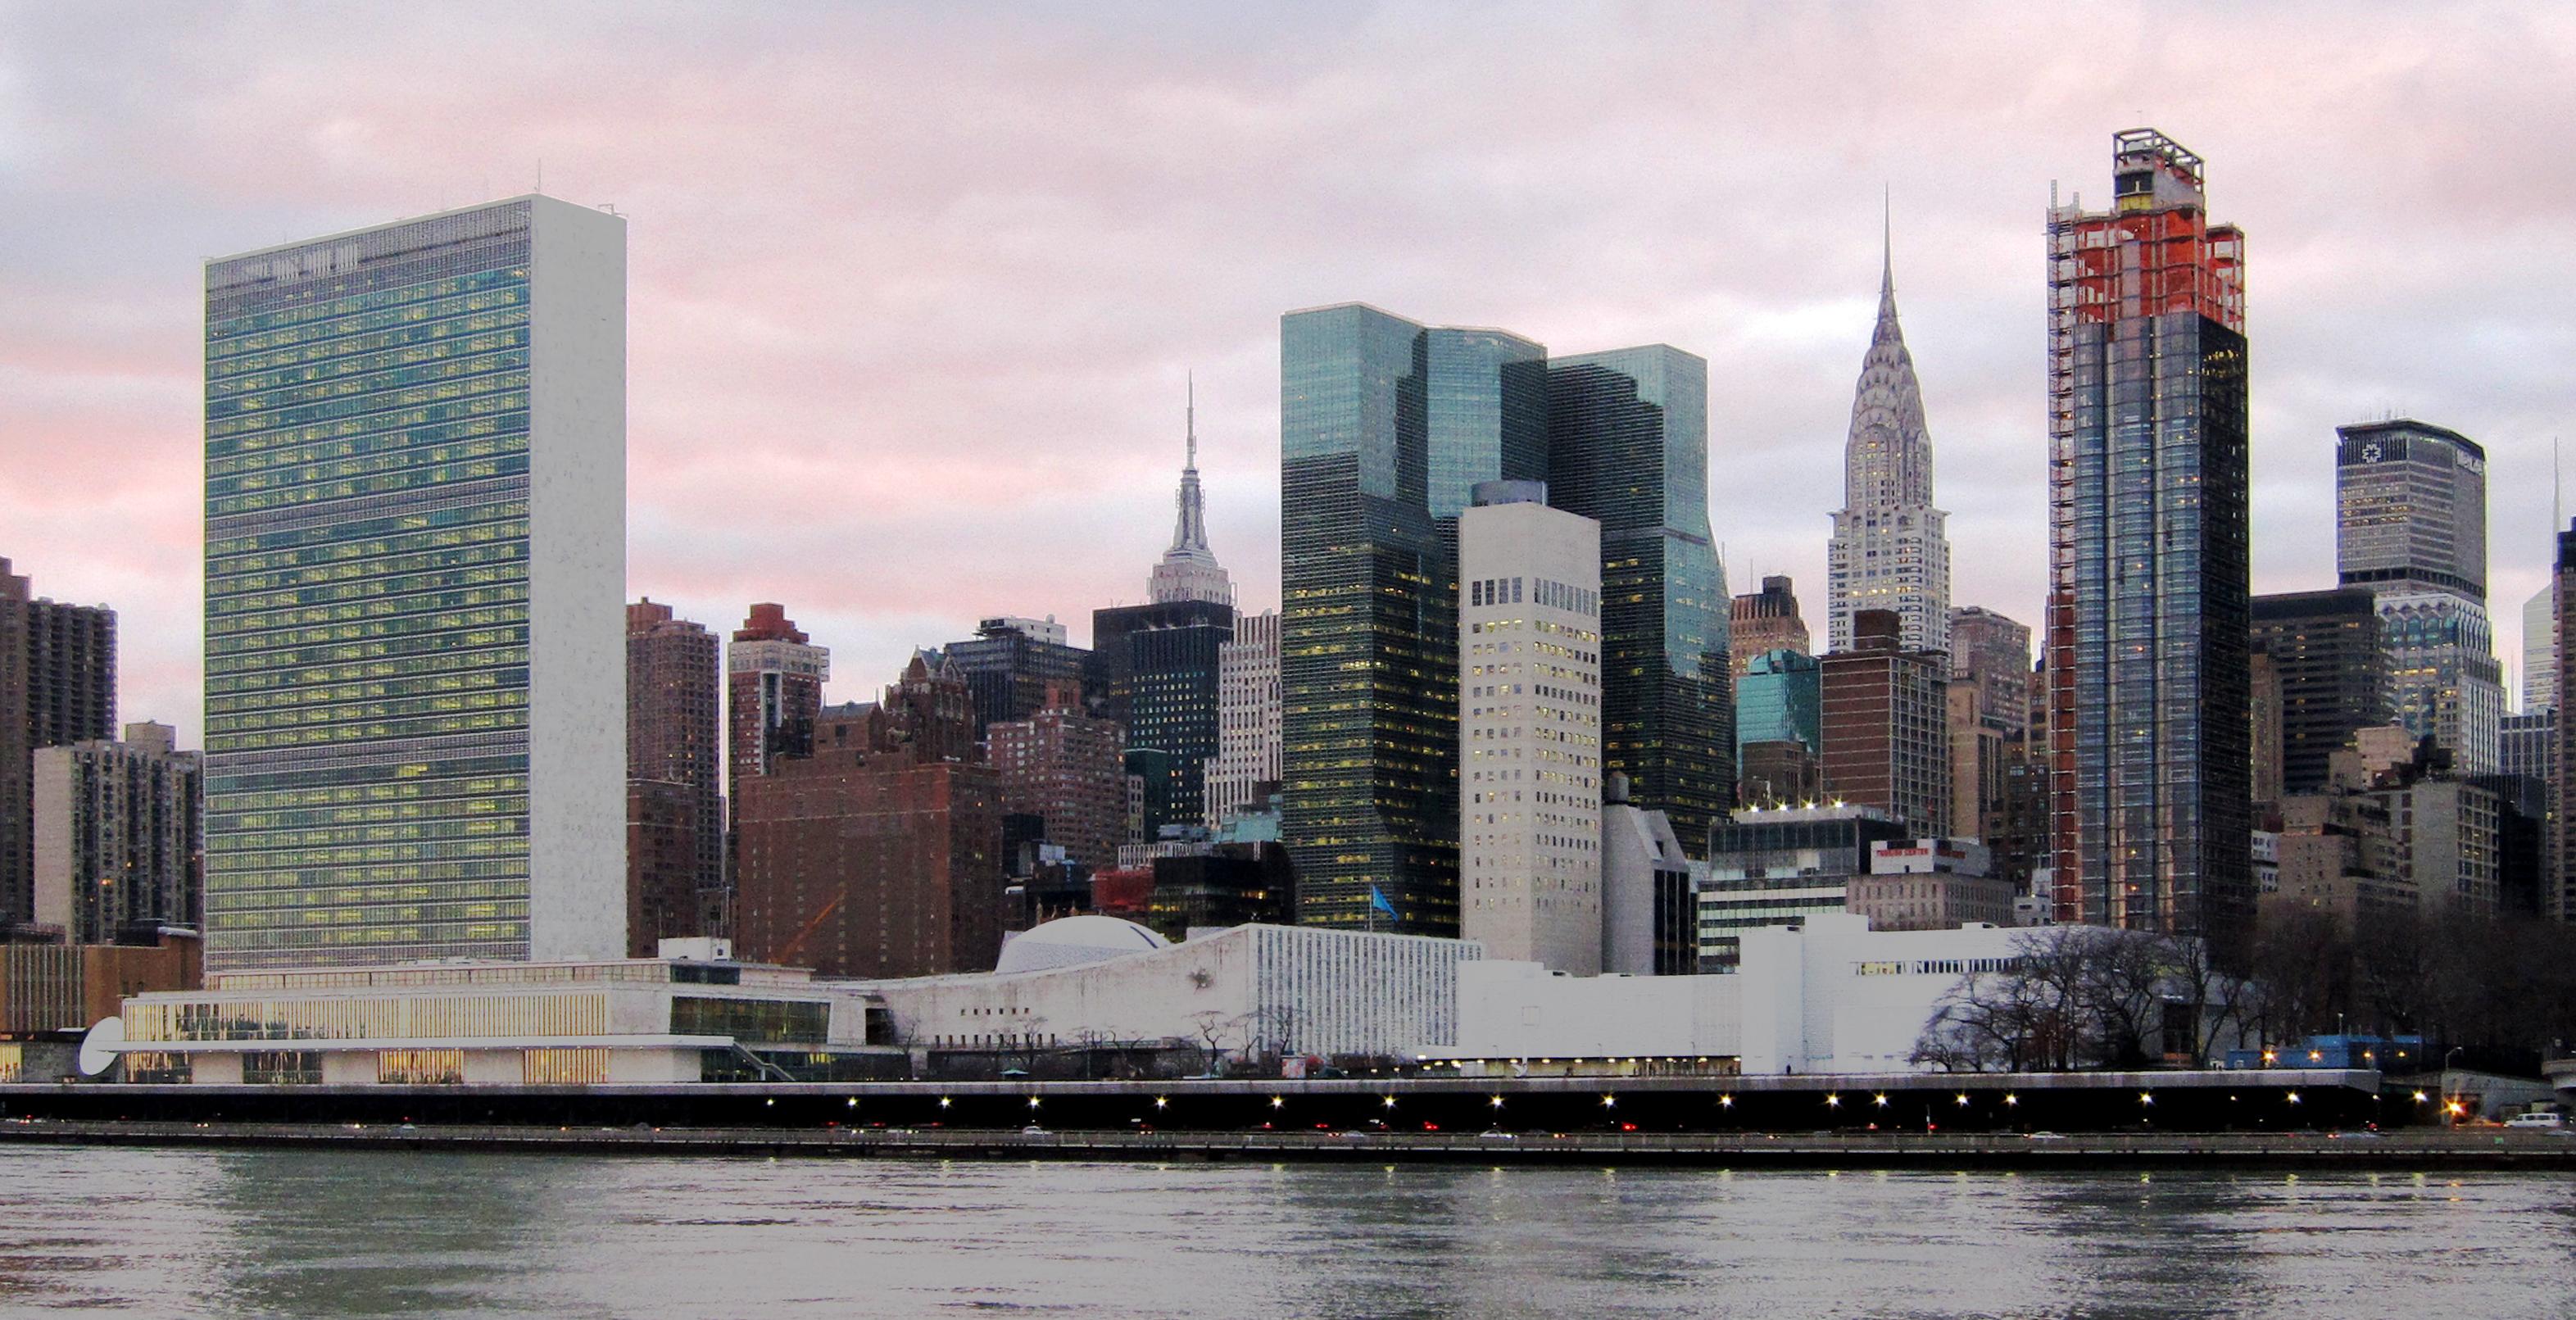 從羅斯福島(Roosevelt Island)看曼哈頓,左邊長方形建築即為聯合國總部。圖/取自維基百科